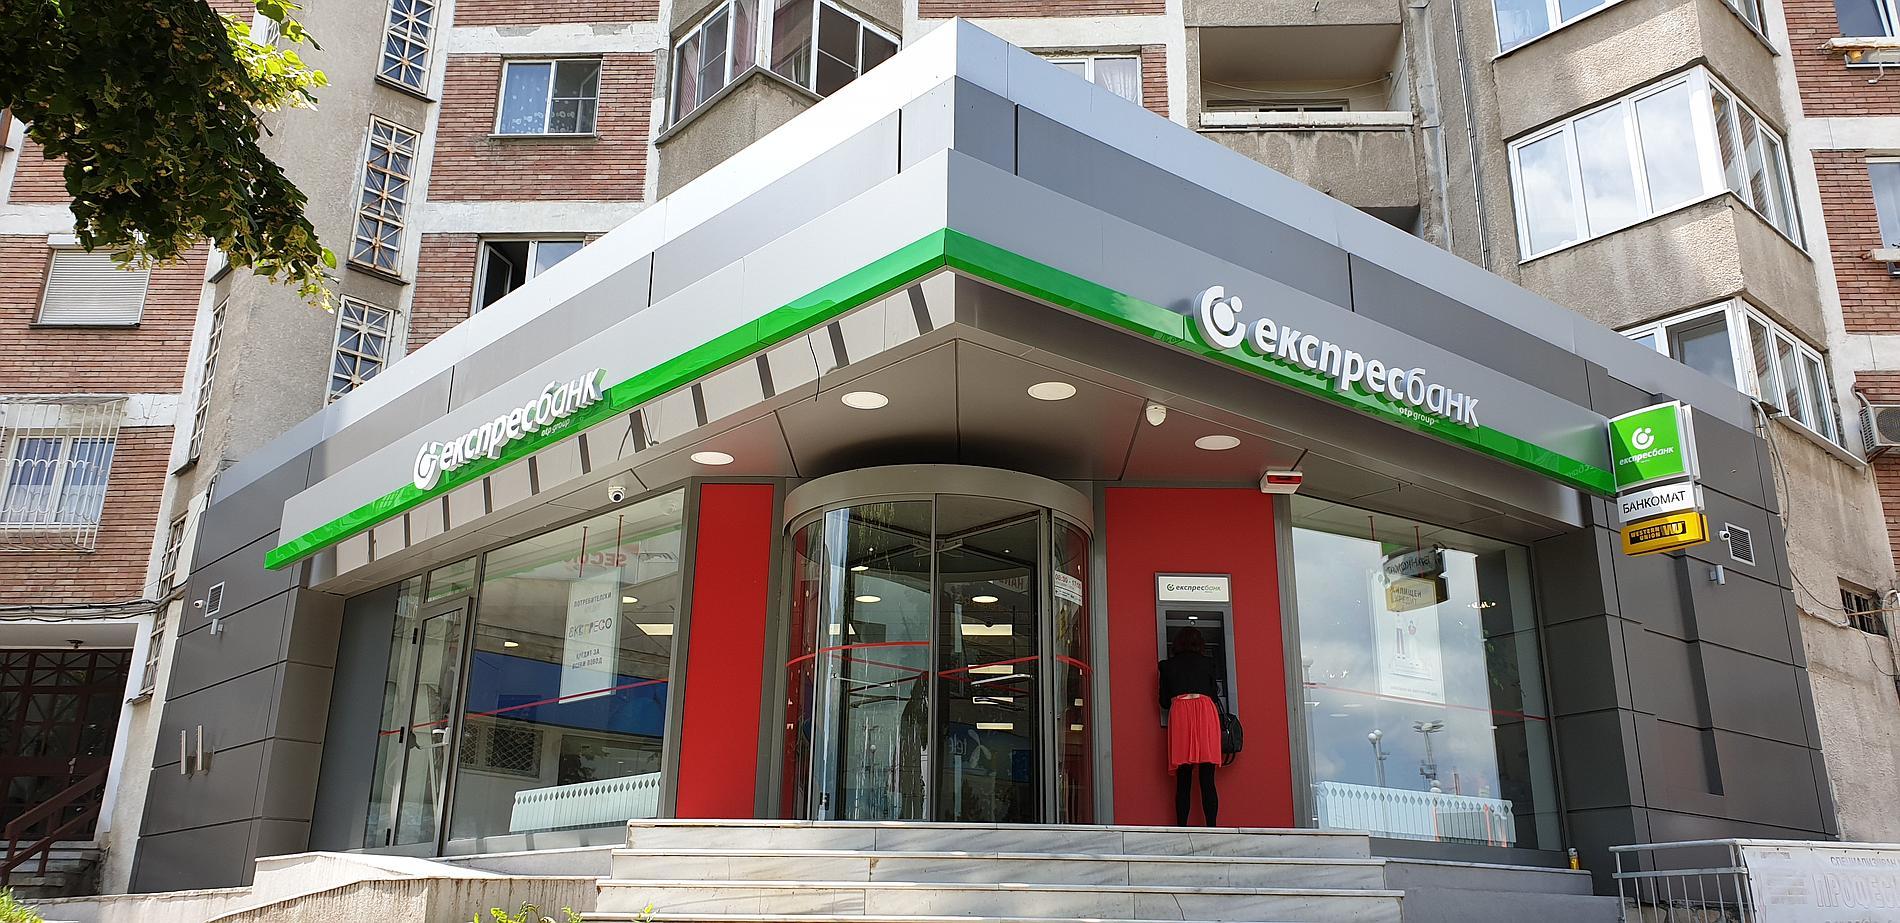 Exterior signage of Express Bank